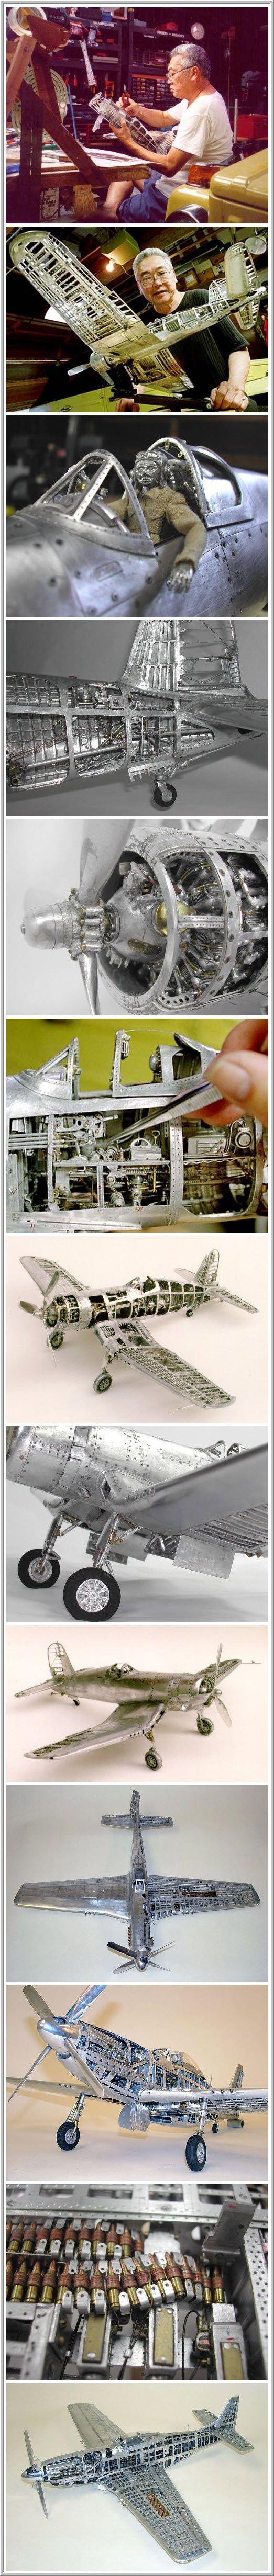 Unique model airplanes made of aluminum, La locura hecha realidad. Estos vuelan de verdad.